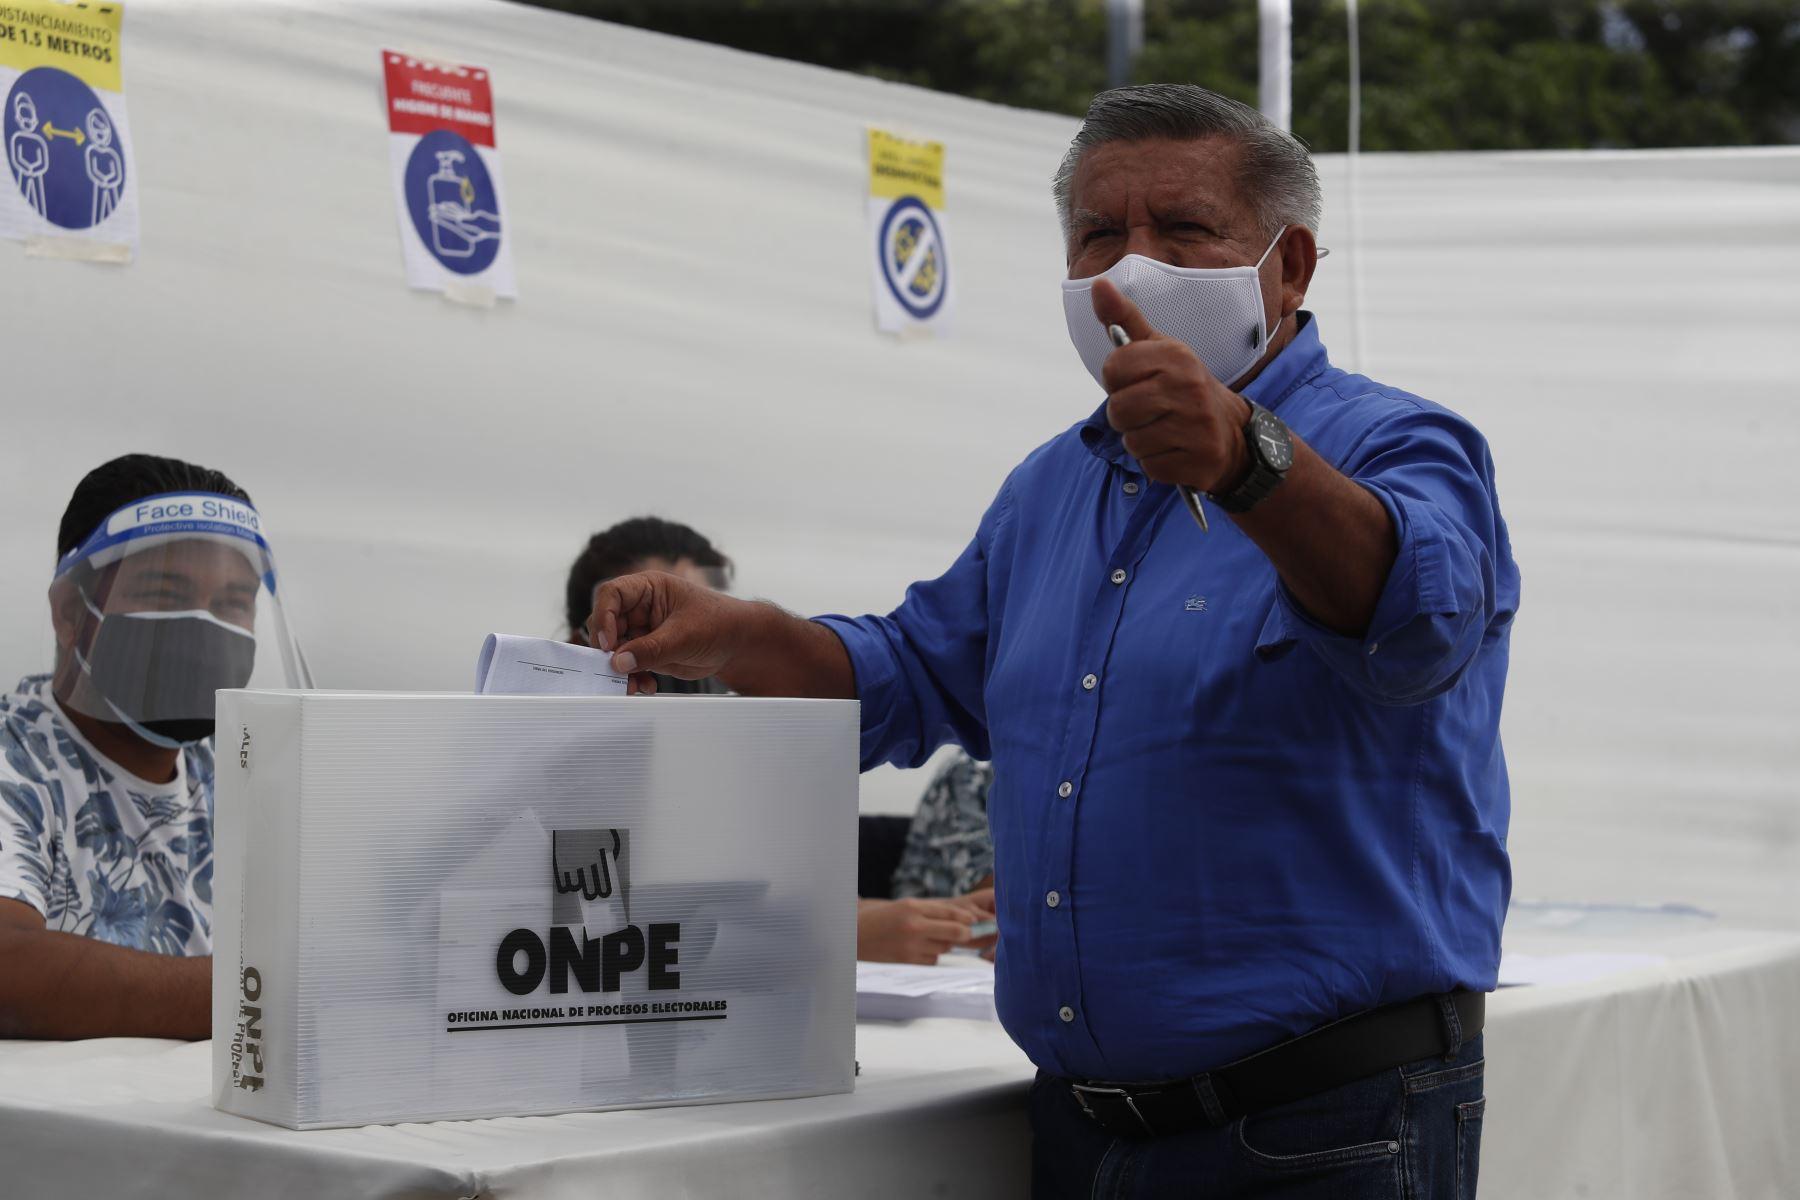 LIMA (PERÚ), 11/04/2021.-El candidato presidencial de Alianza para el Progreso,  César Acuña, emite su voto en el  colegio  San Agustín , en el distrito de San Isidro, durante la jornada de las Elecciones Generales 2021.  Foto:  ANDINA/Renato Pajuelo